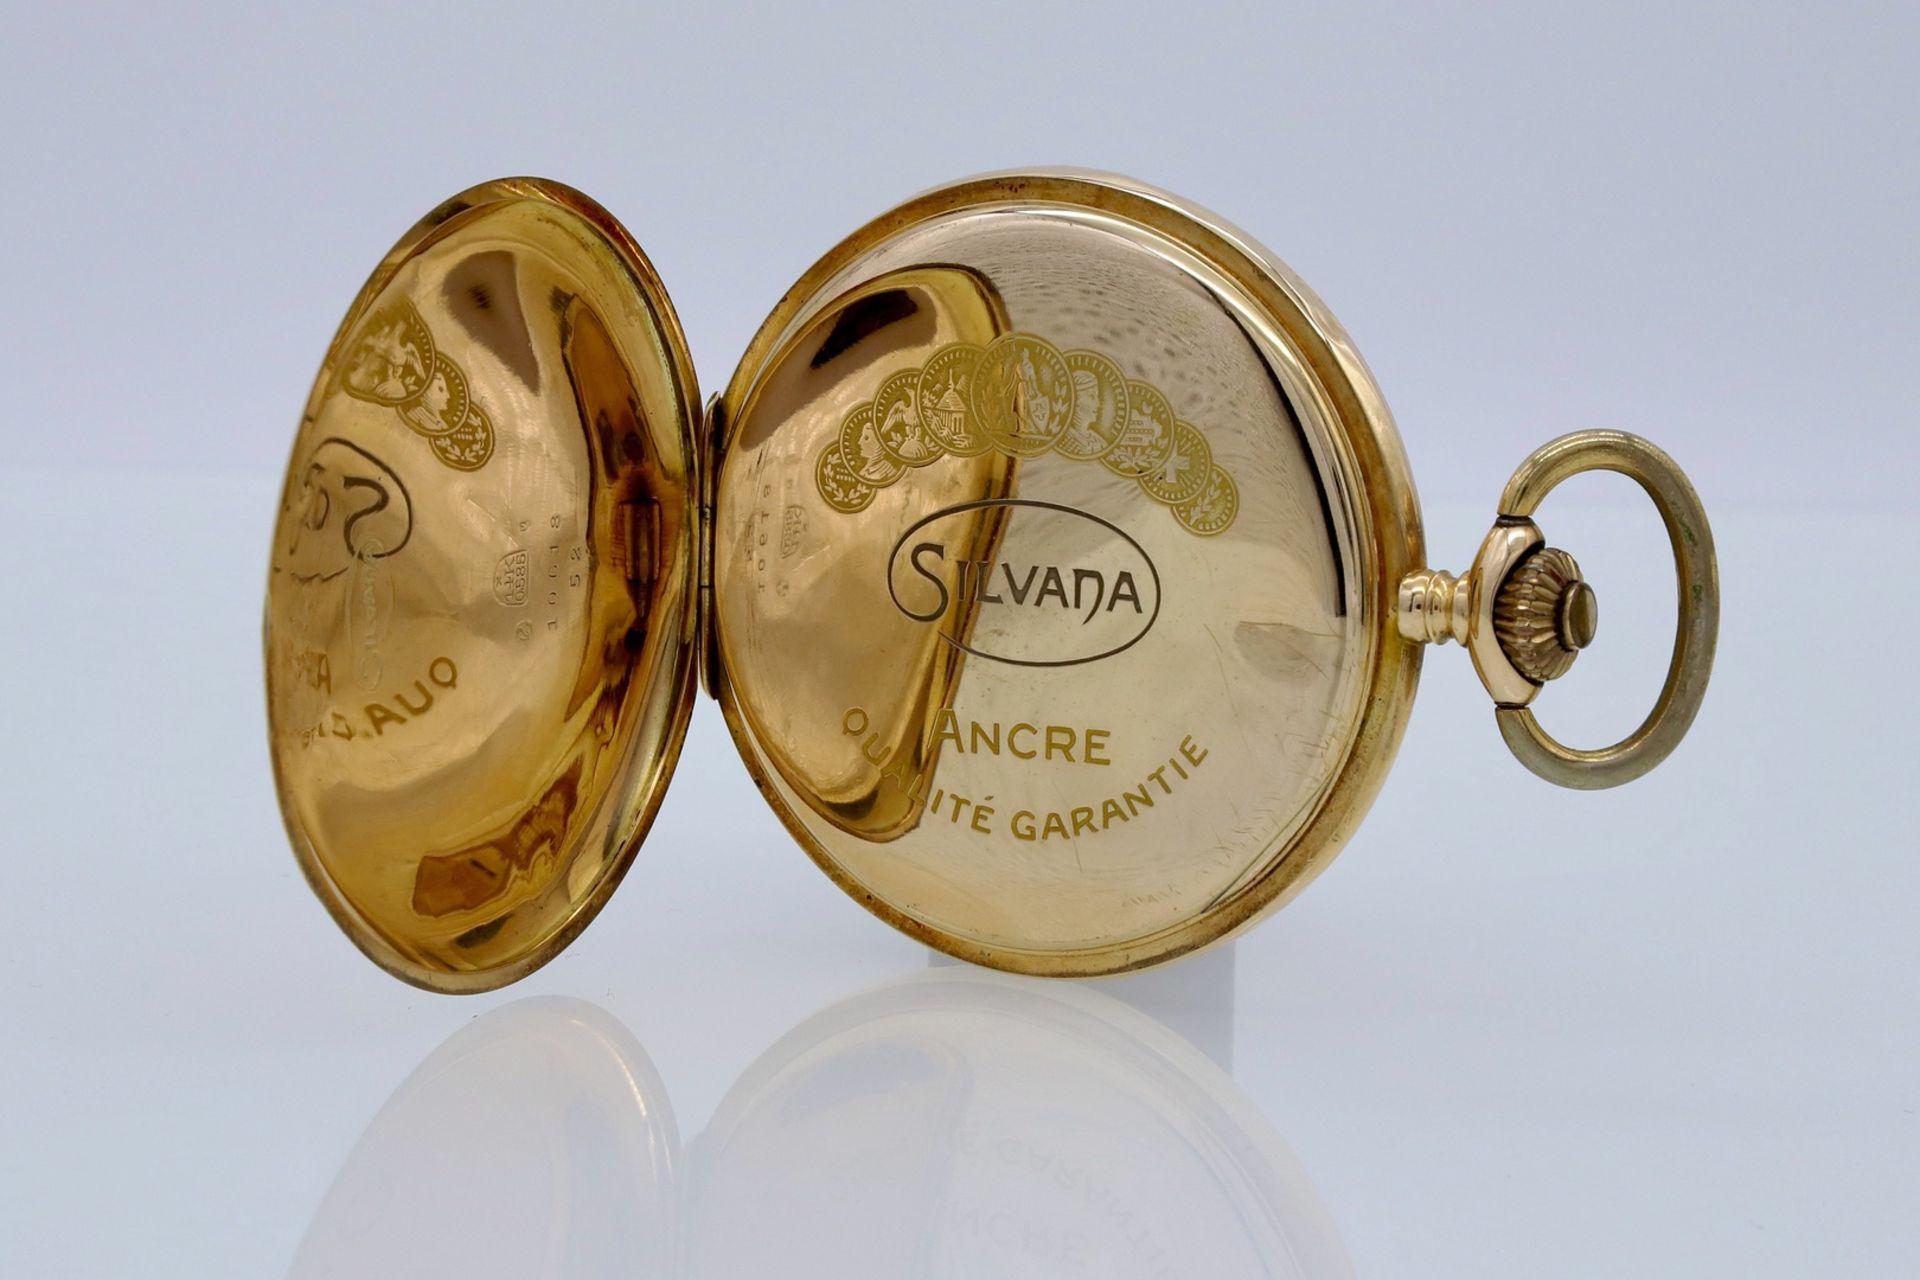 Silvana goldene Savonnette / Taschenuhr, um 1920 - Bild 4 aus 5